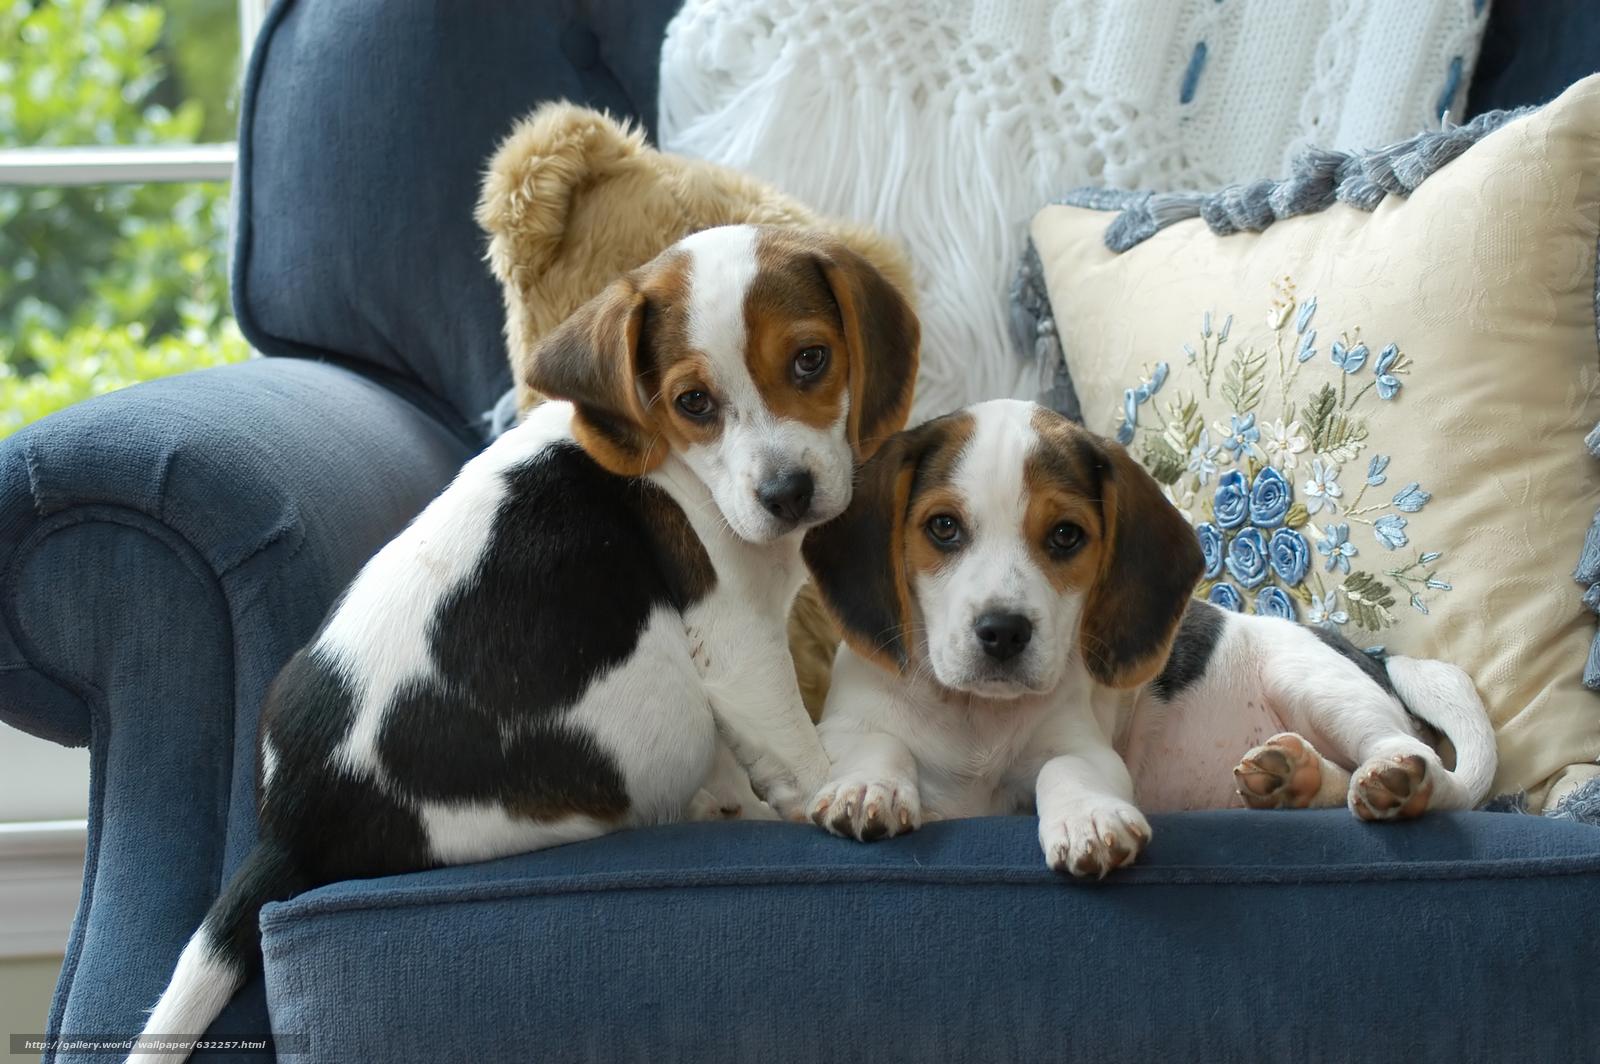 Скачать обои Бигль,  собаки,  щенки,  малыши бесплатно для рабочего стола в разрешении 6016x4000 — картинка №632257